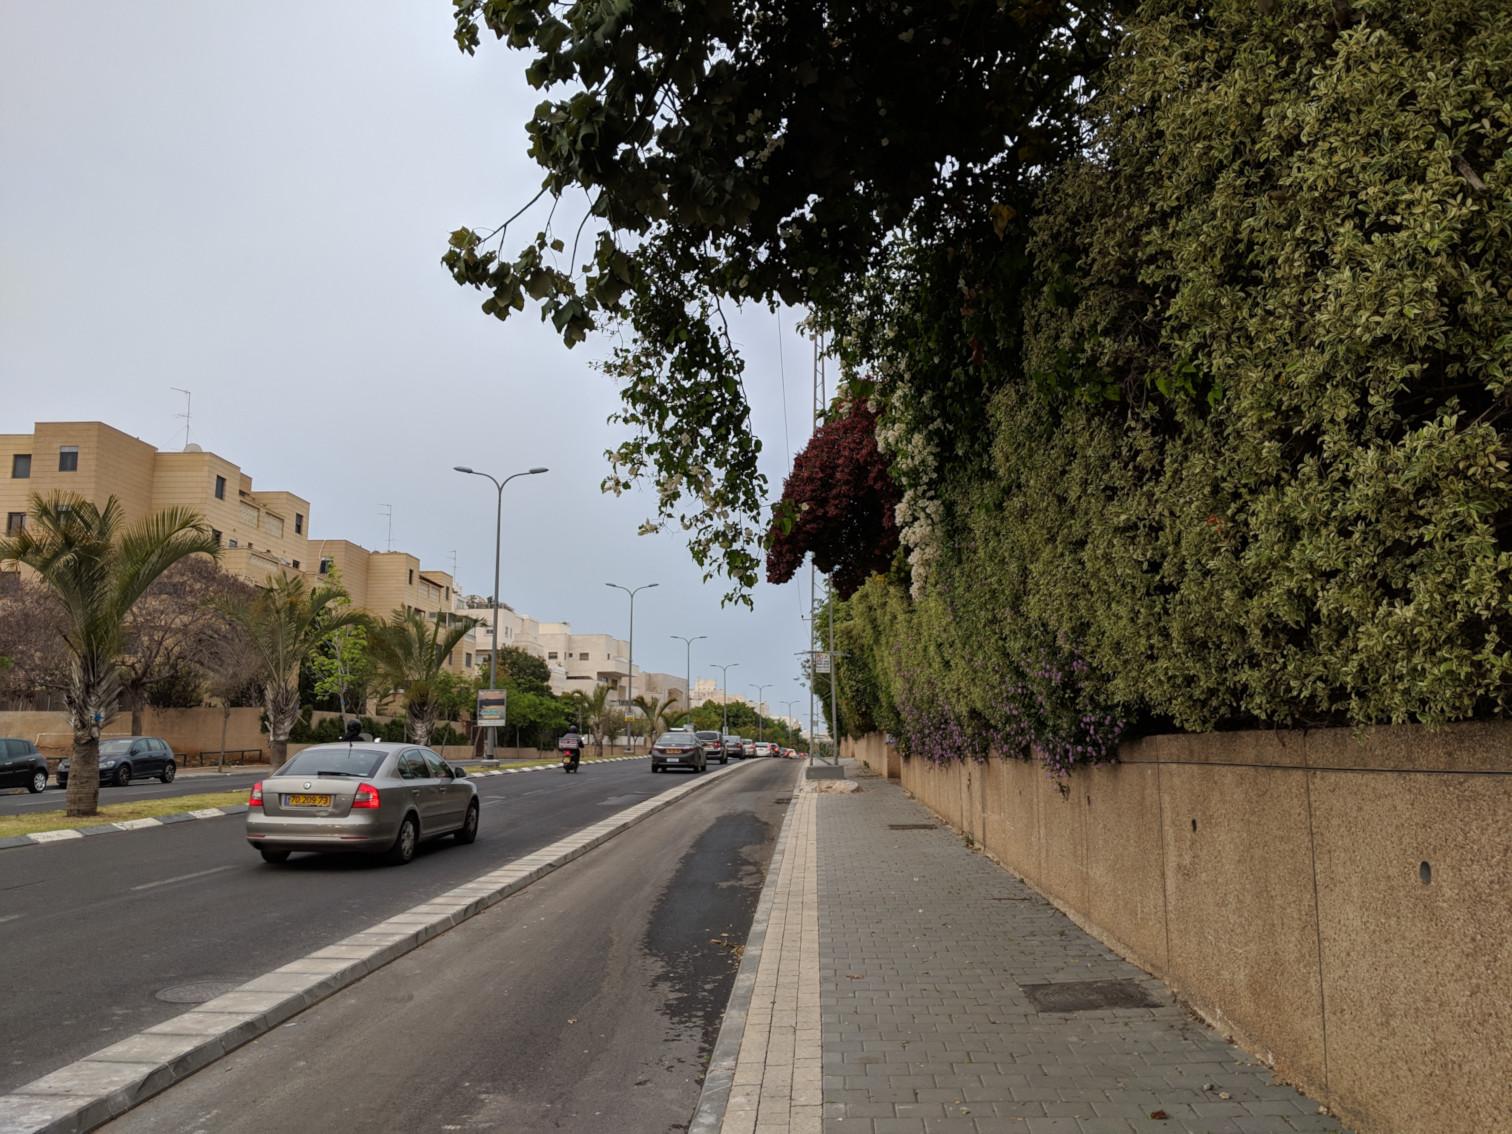 דבורה הנביאה אחרי העבודות - שביל אופניים לתפארת